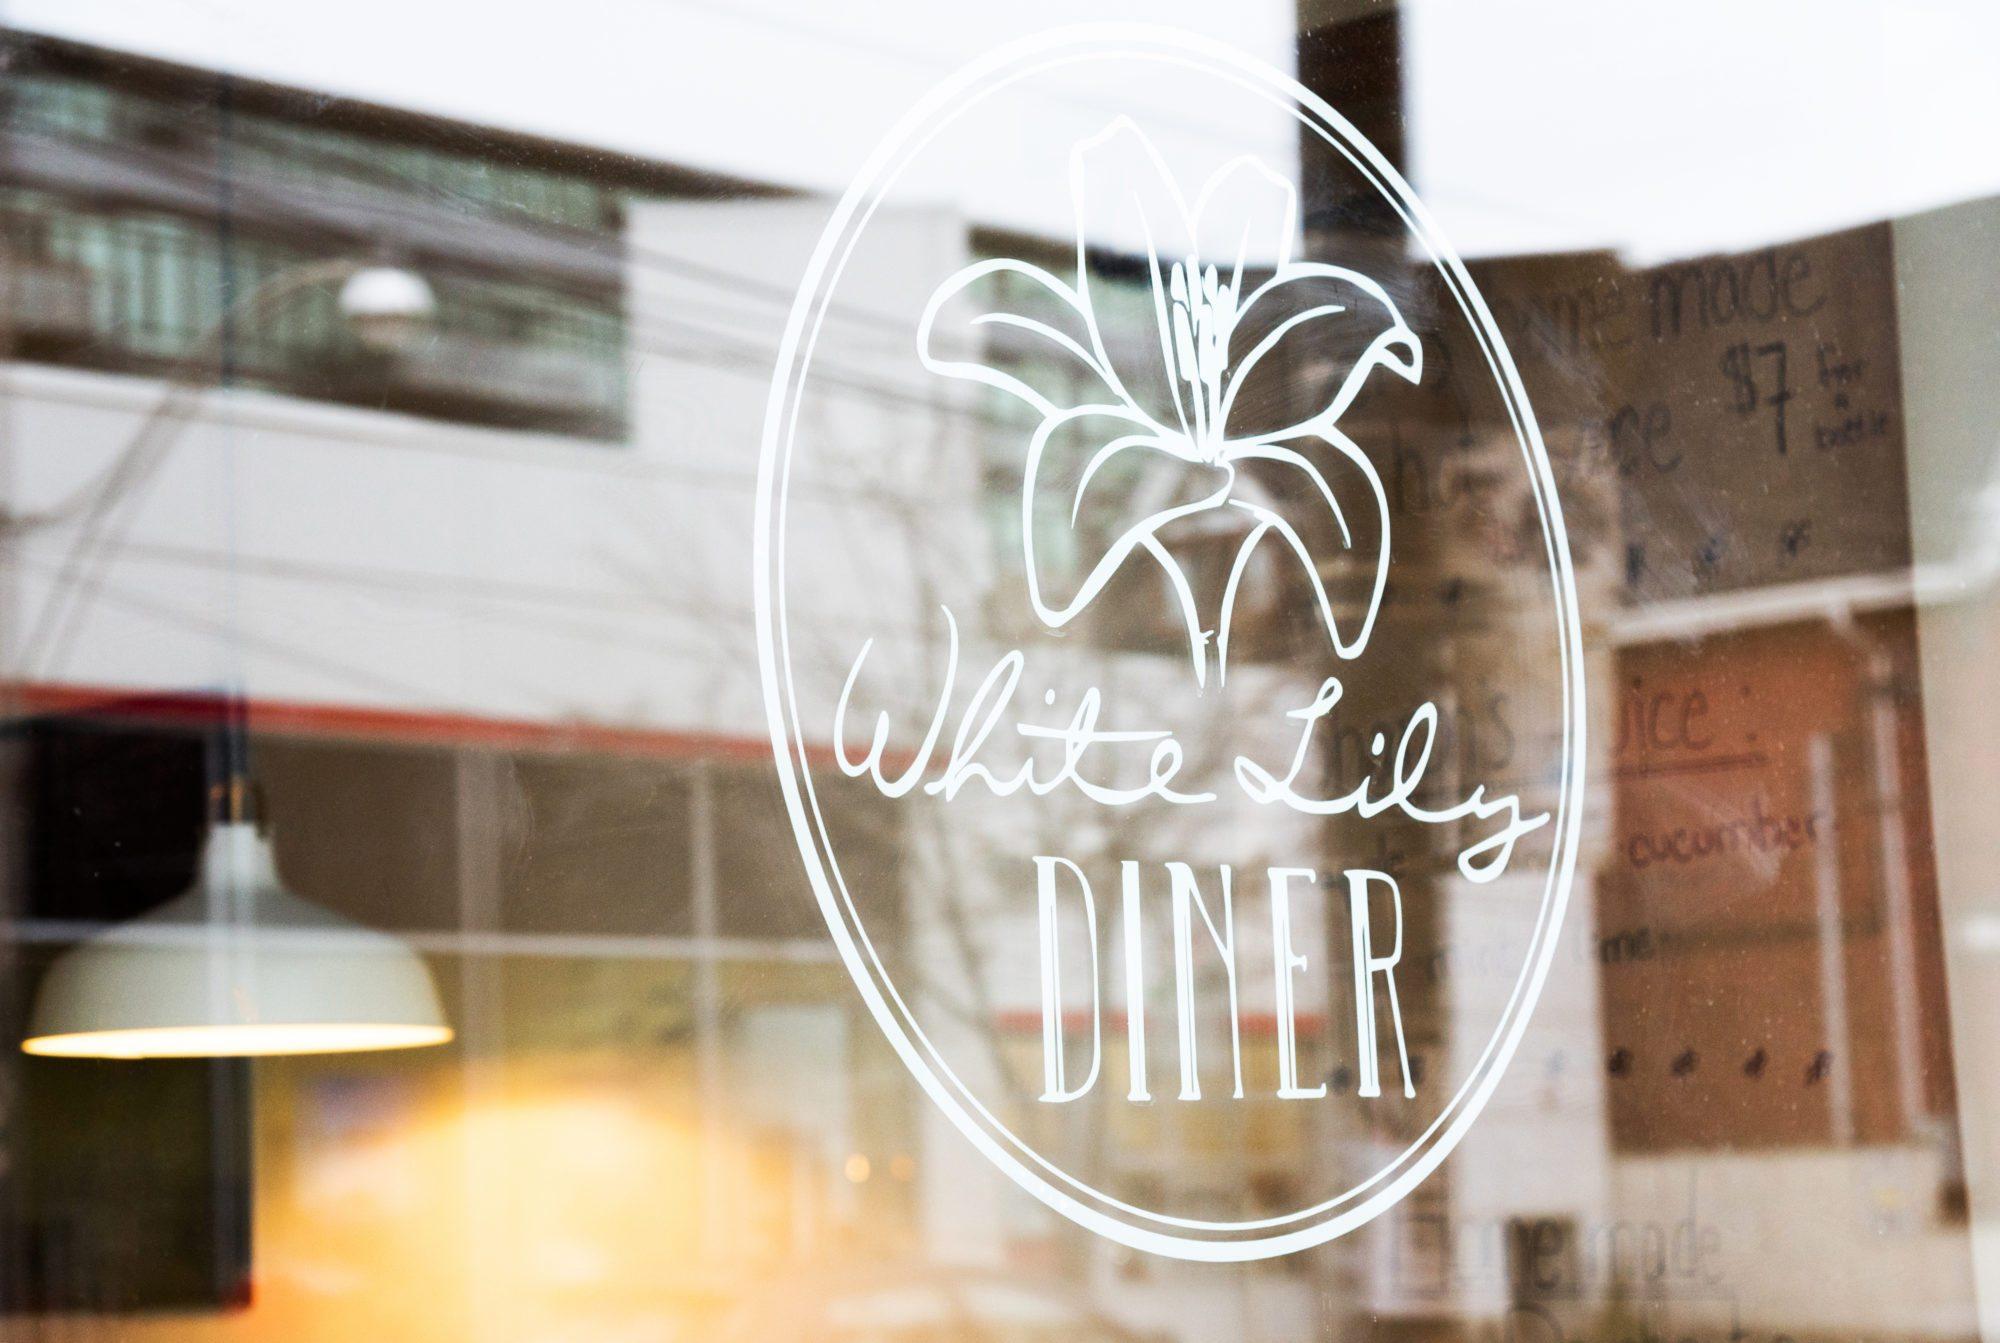 toronto-restaurants-white-lily-diner-leslieville-riverside-logo